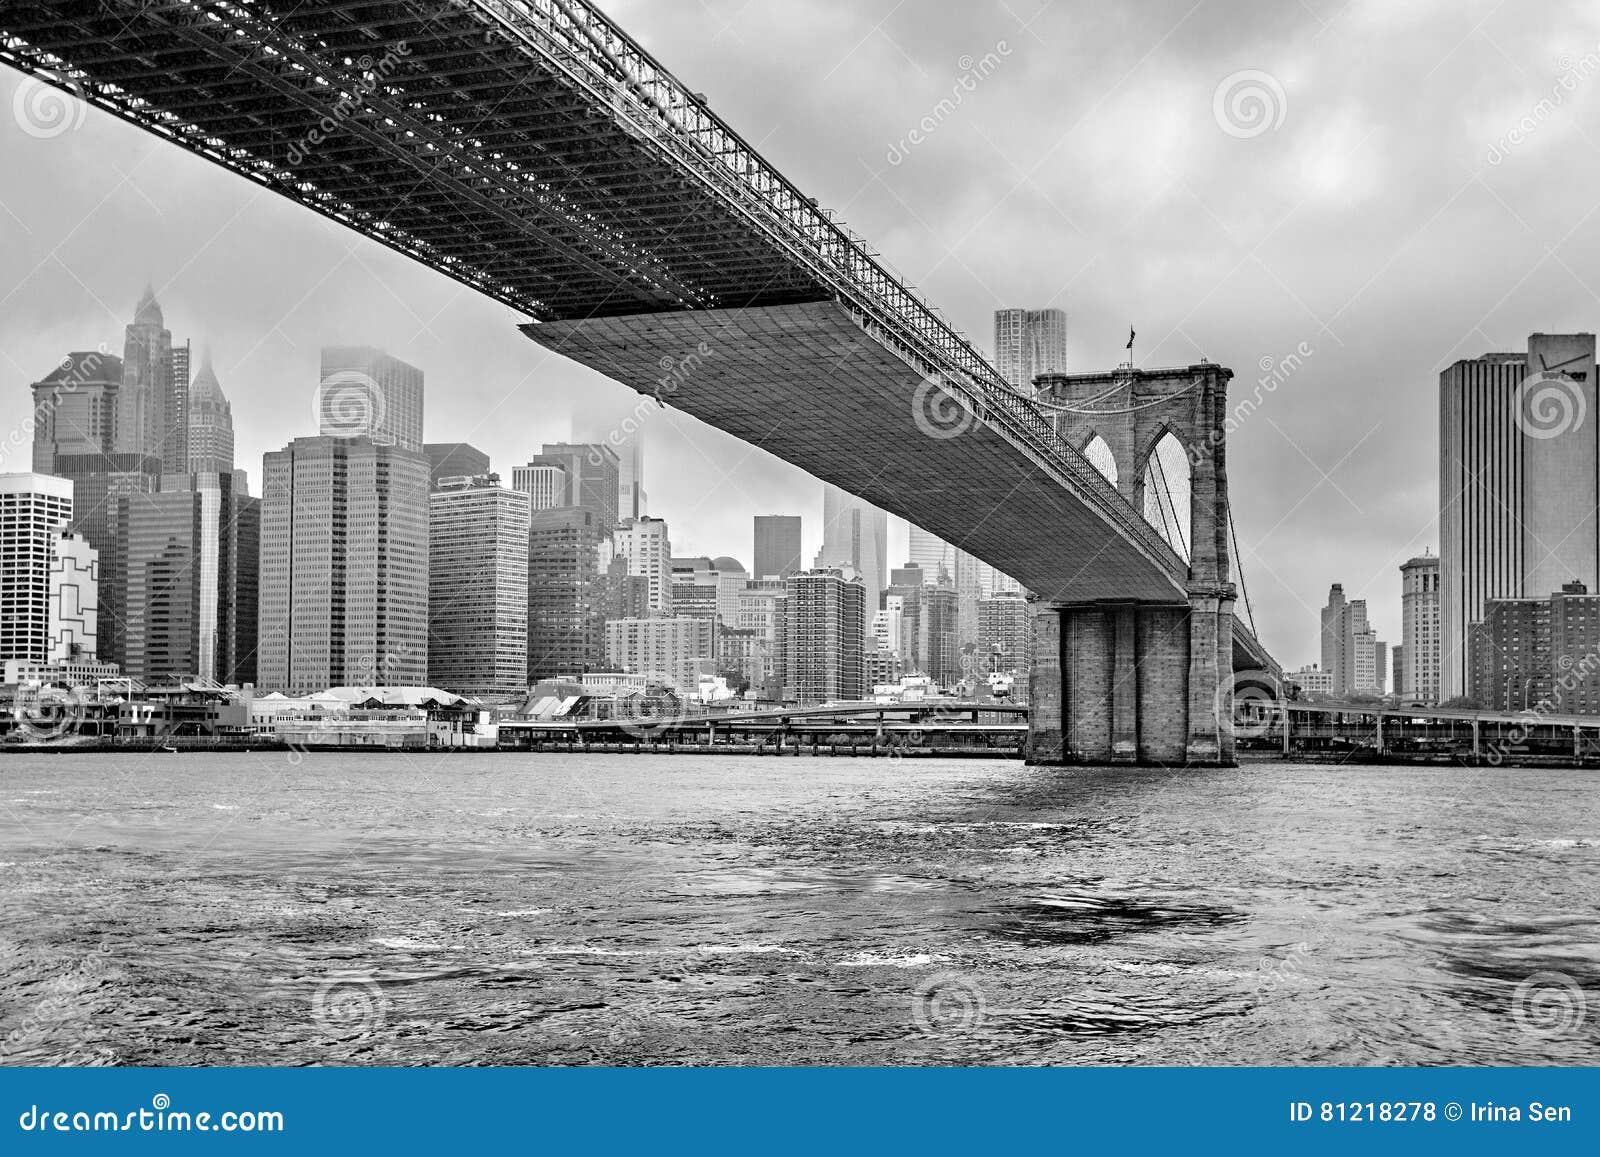 Το ομιχλώδεις Μανχάταν - ορίζοντας του Μανχάταν και γέφυρα του Μπρούκλιν, Μανχάταν, Νέα Υόρκη, Ηνωμένες Πολιτείες